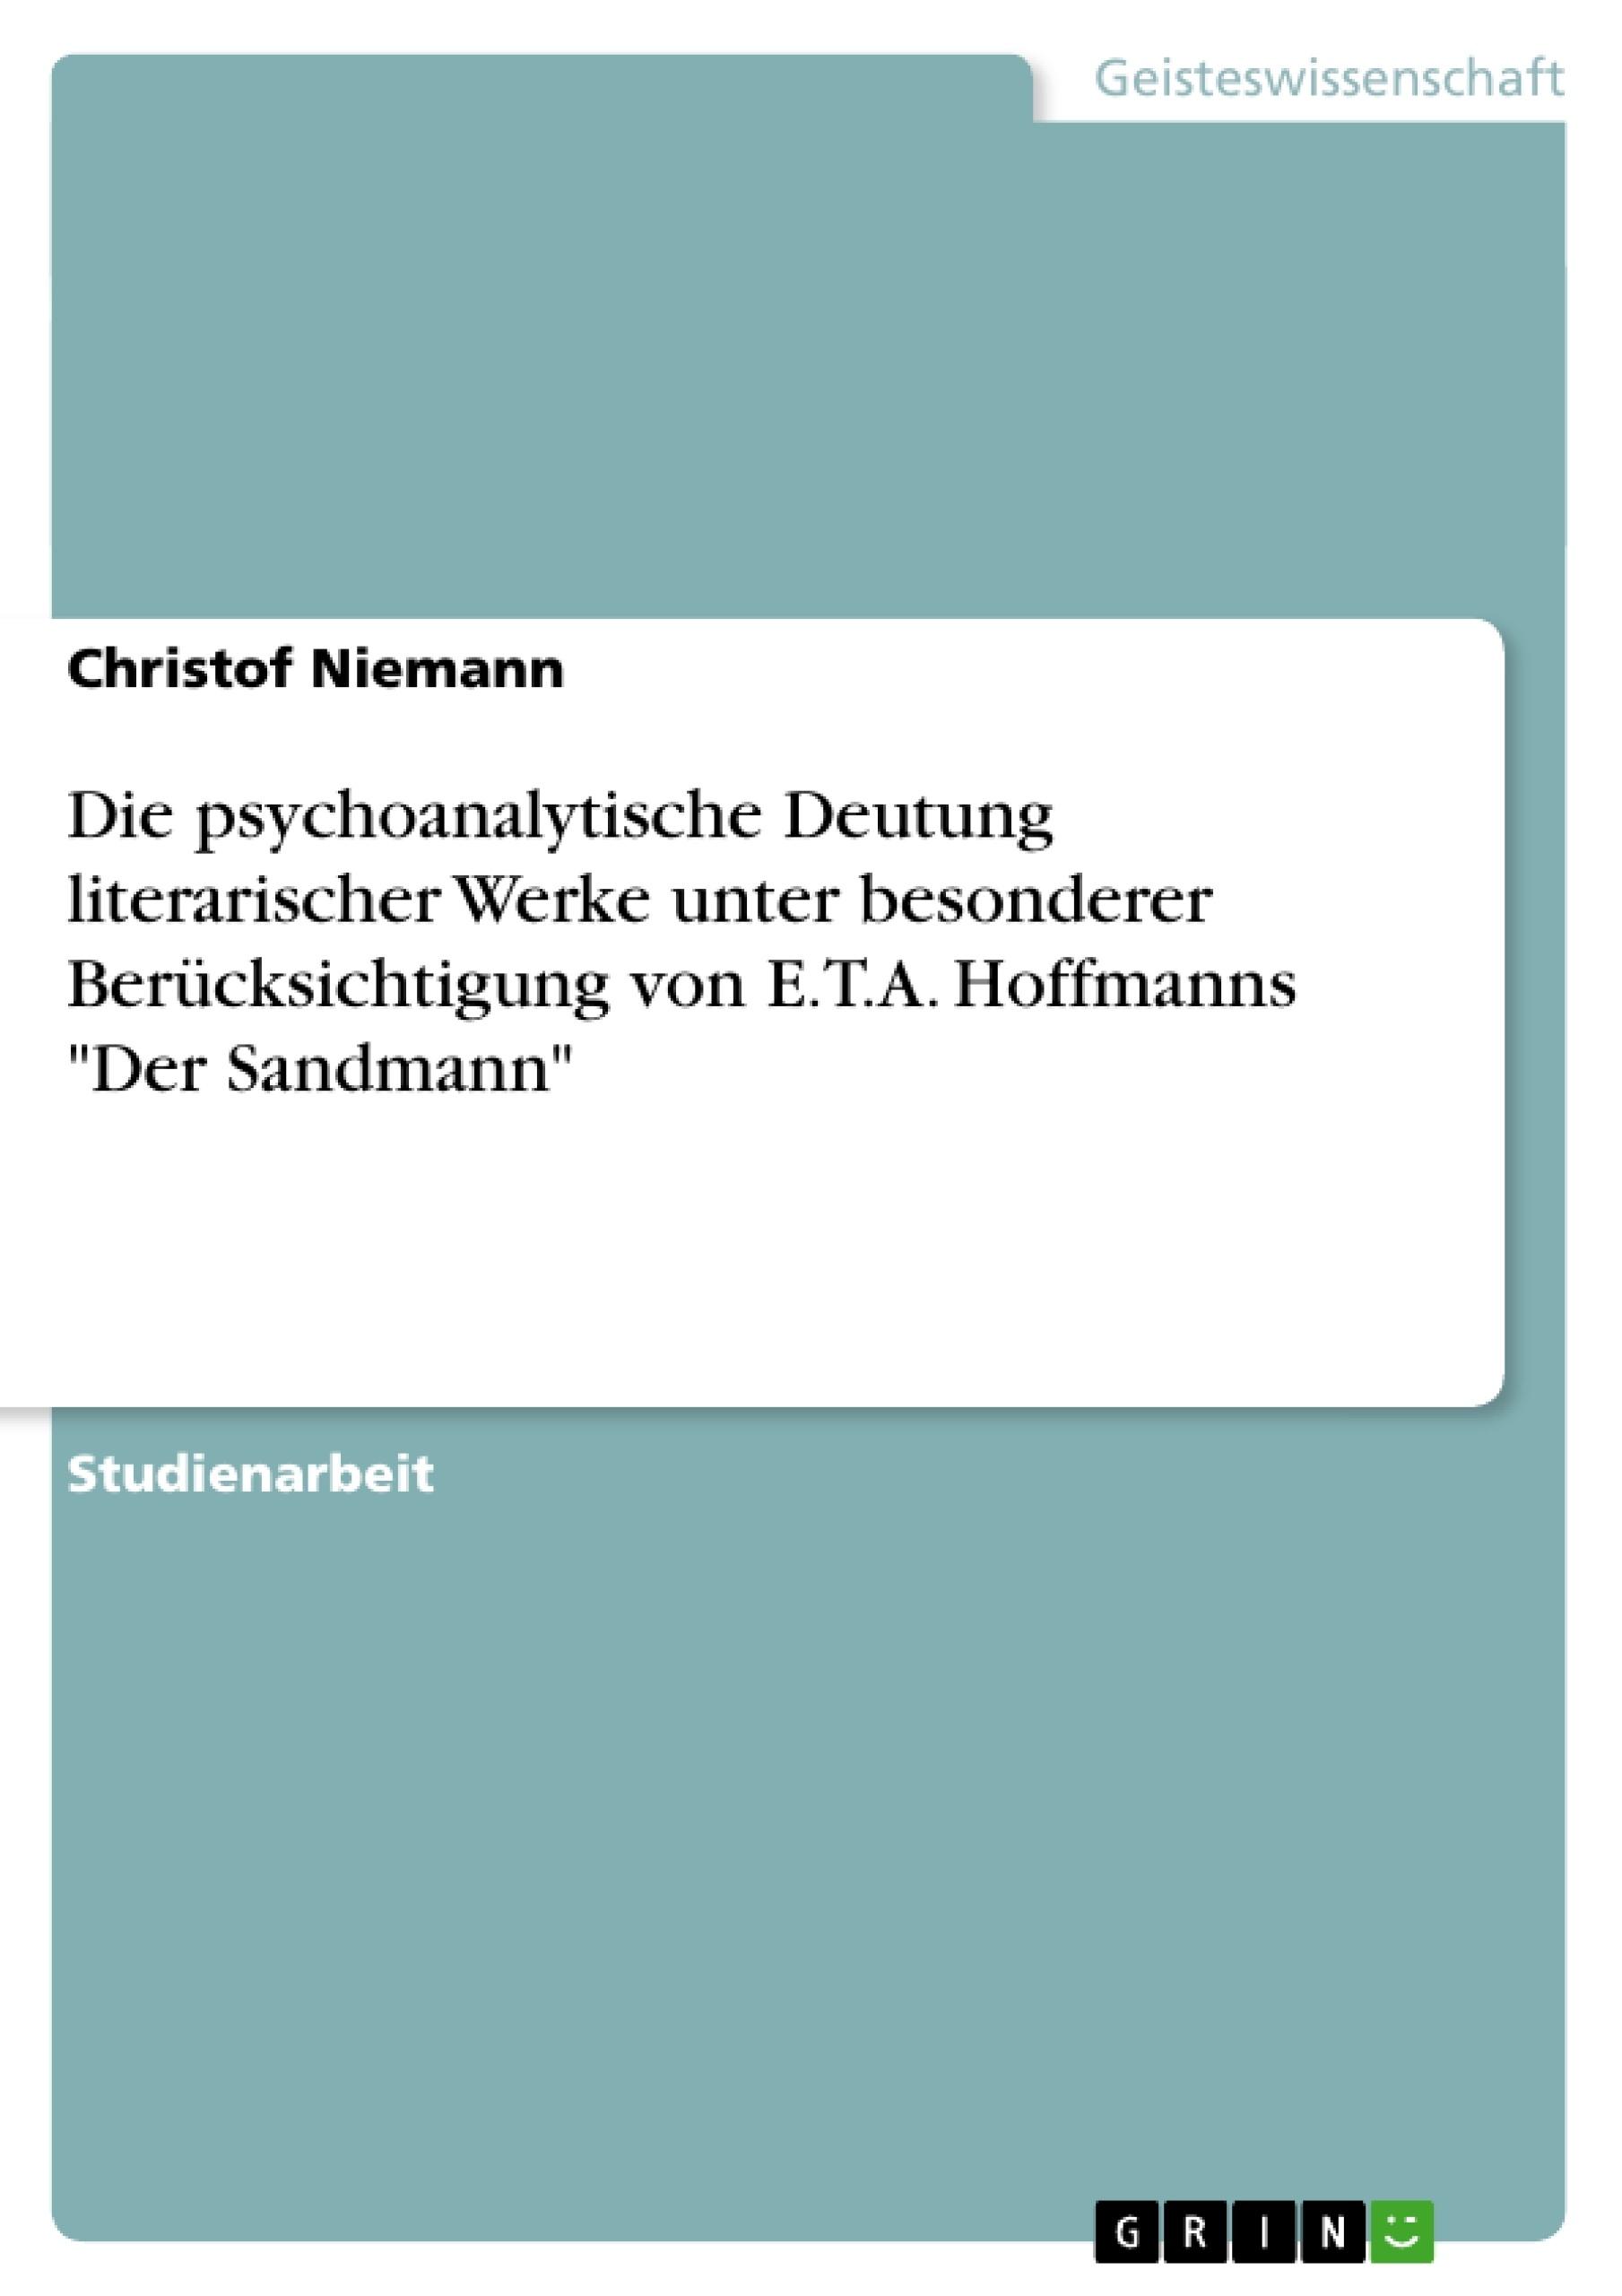 """Titel: Die psychoanalytische Deutung literarischer Werke unter besonderer Berücksichtigung von E.T.A. Hoffmanns """"Der Sandmann"""""""